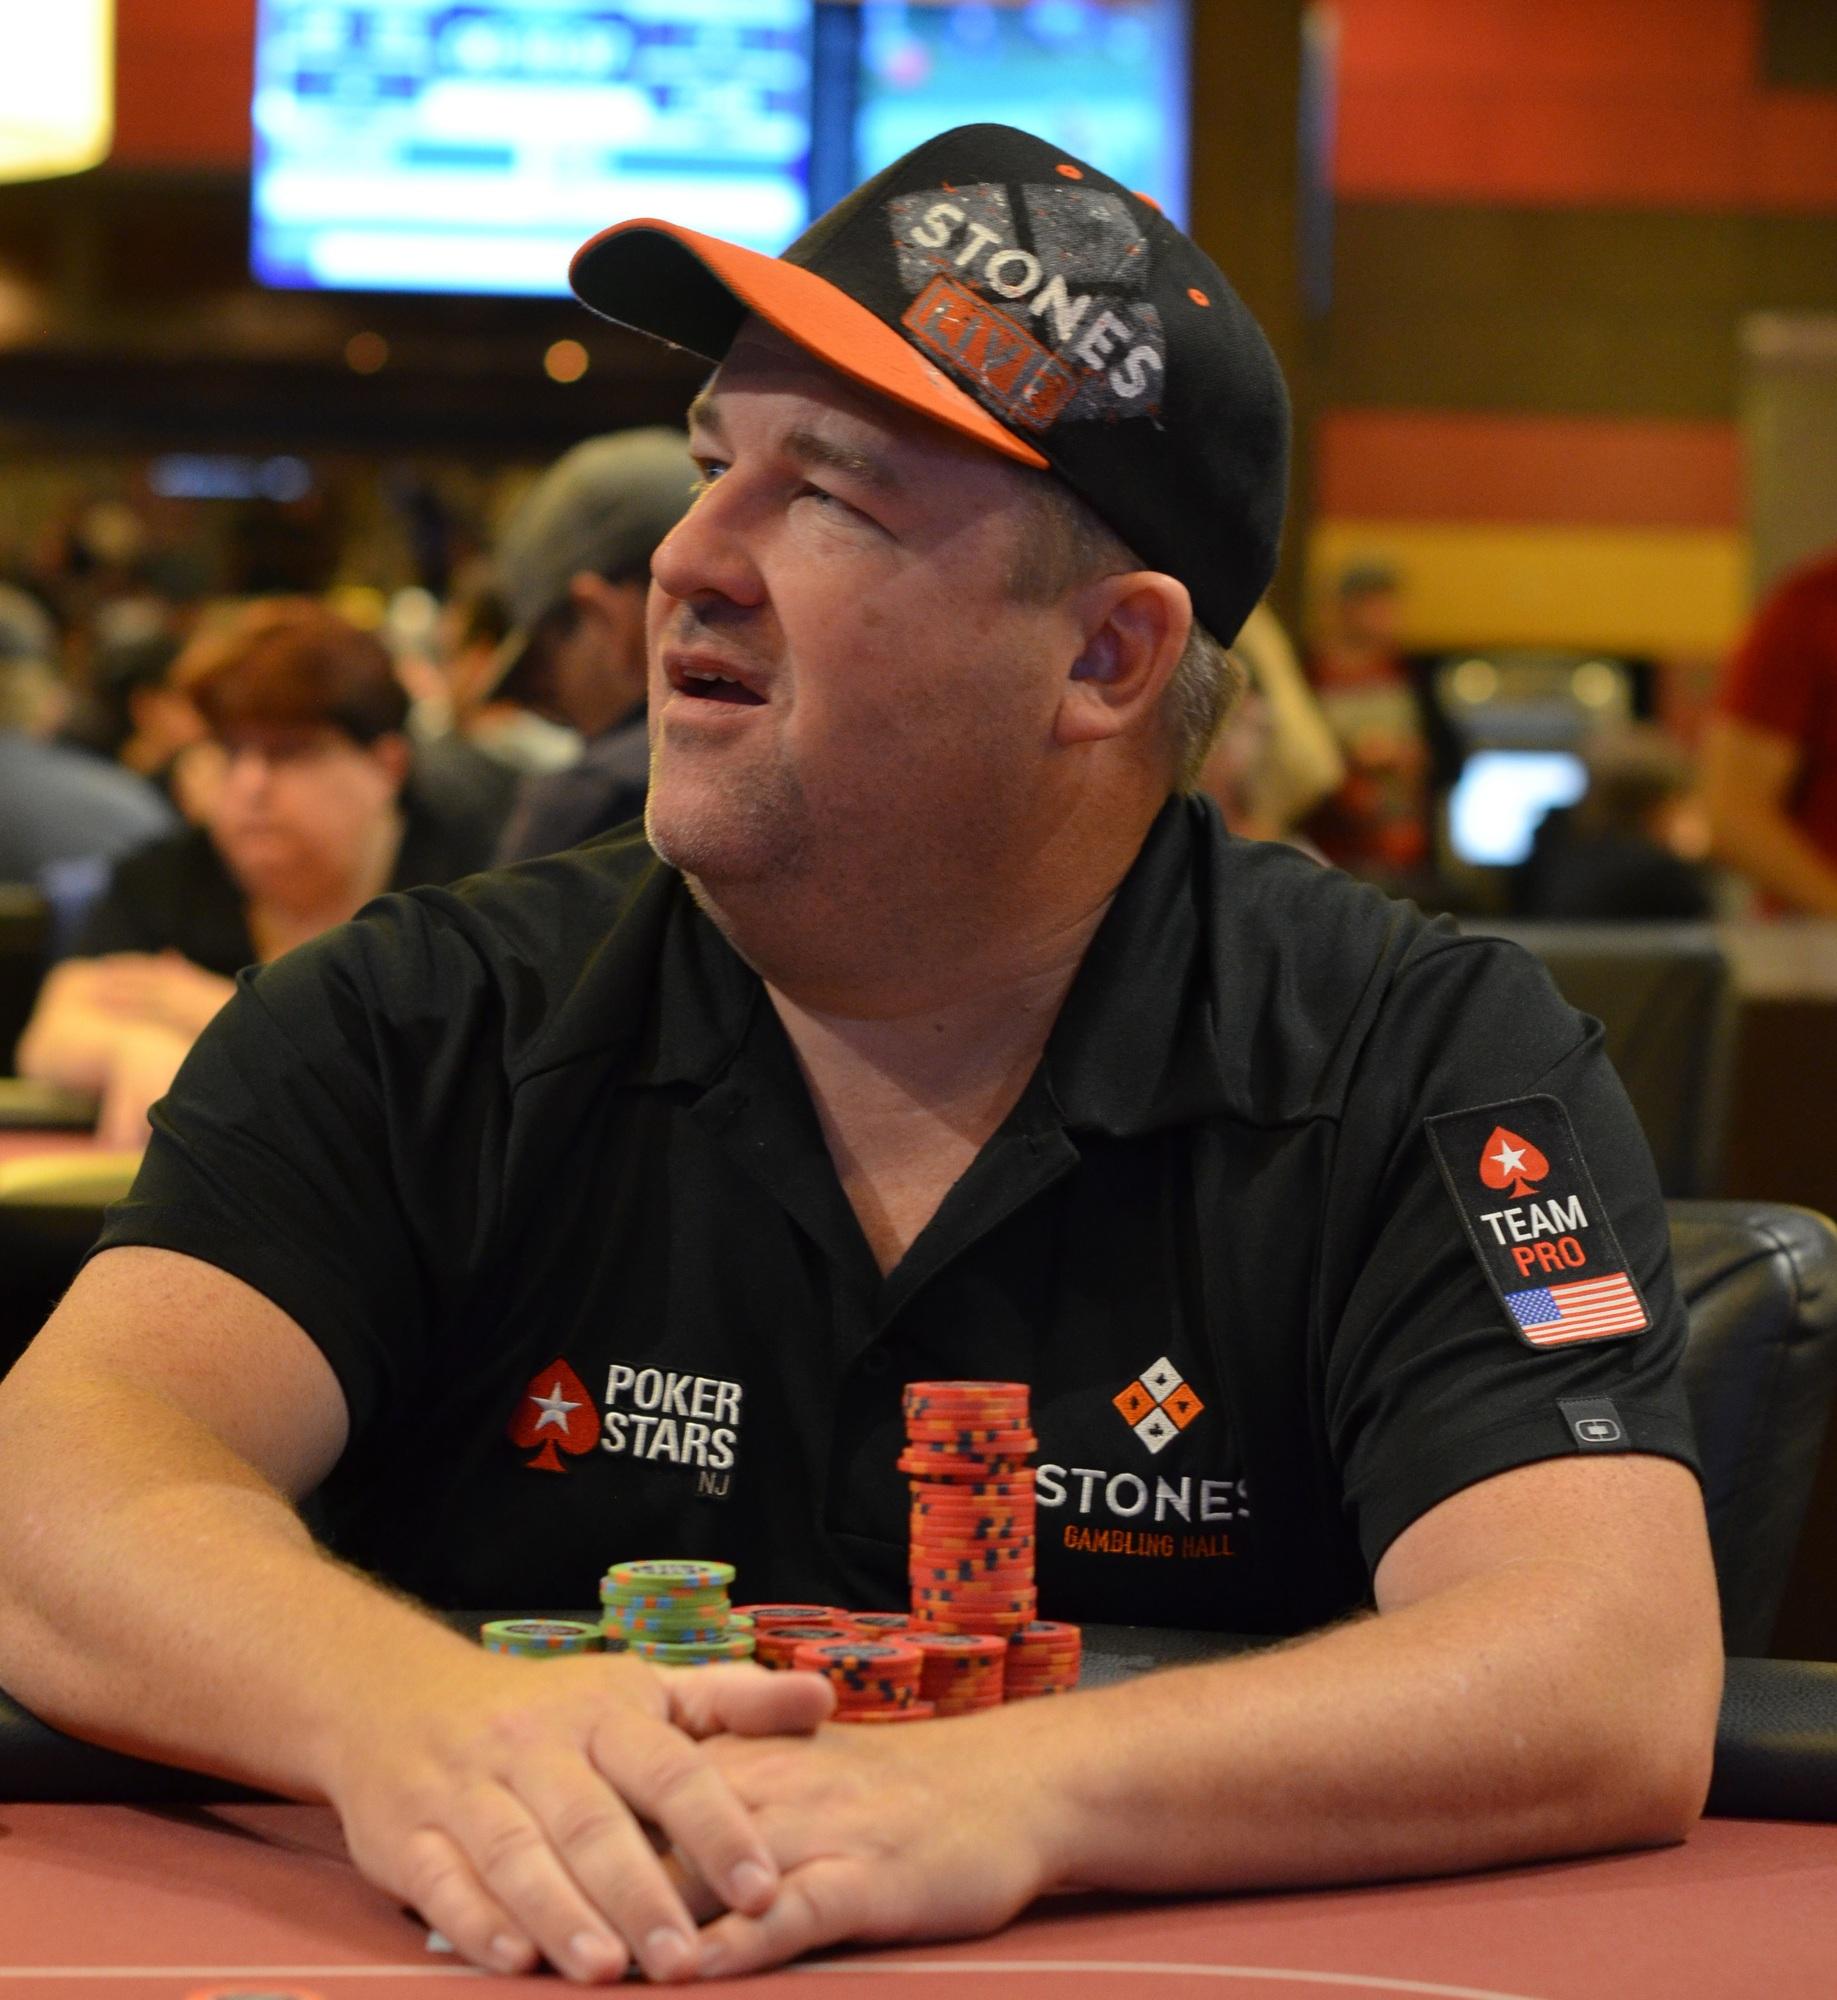 Zona de Azar USA - Pokerstars and Seminole Hard Rock